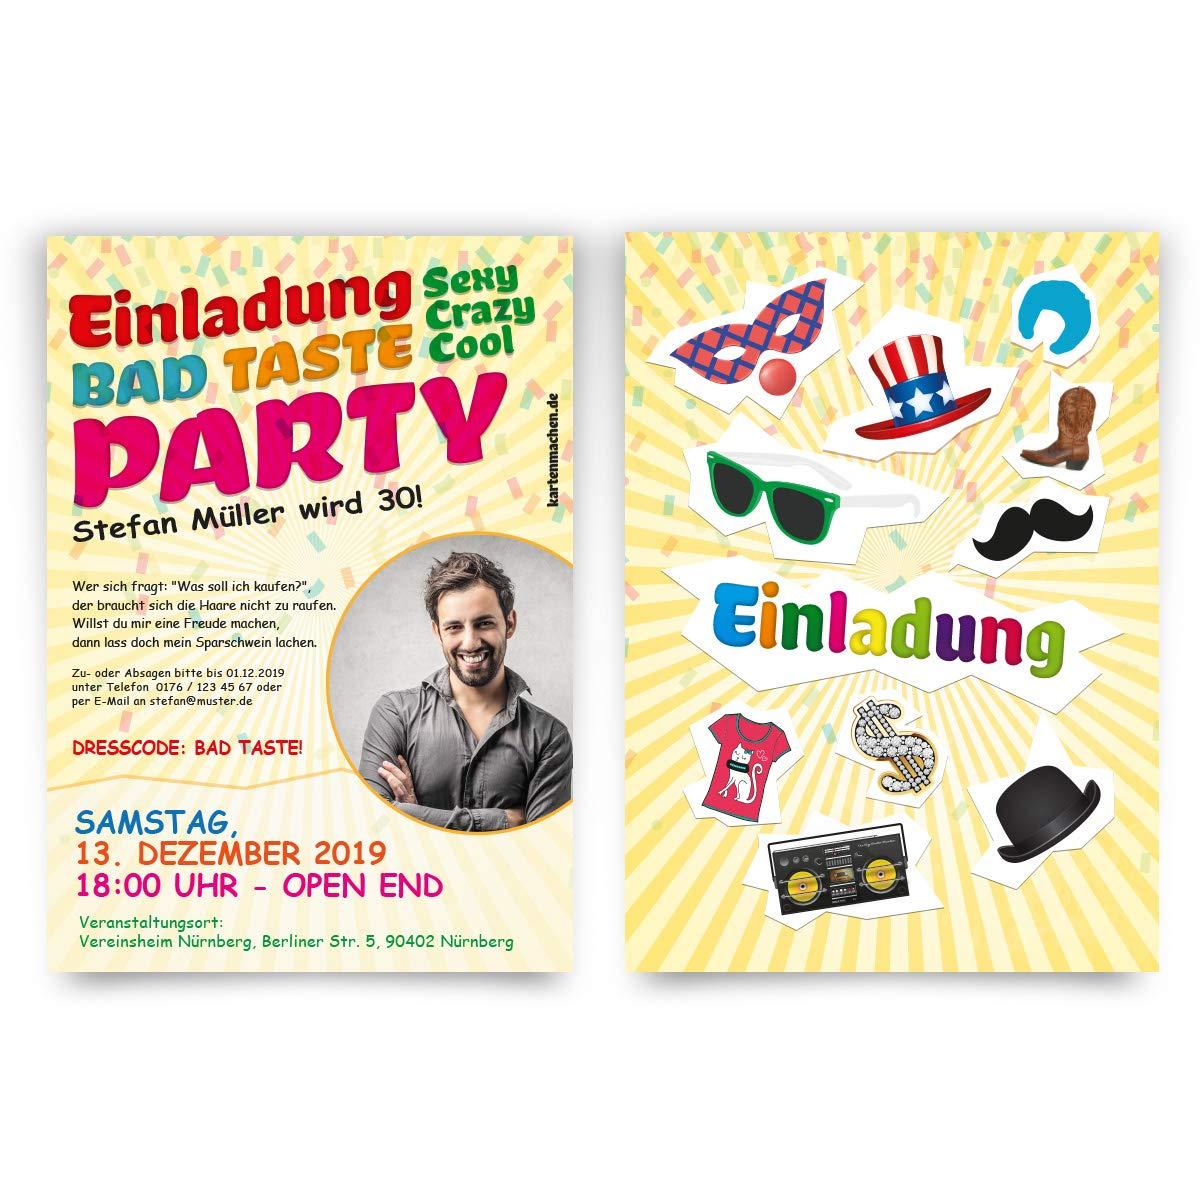 60 60 60 x Geburtstag Einladungskarten individuelle Einladungen - Bad Taste Party mit eigenem Foto B07N1R849J | Wunderbar  | Hohe Sicherheit  | Günstige  ebbb71